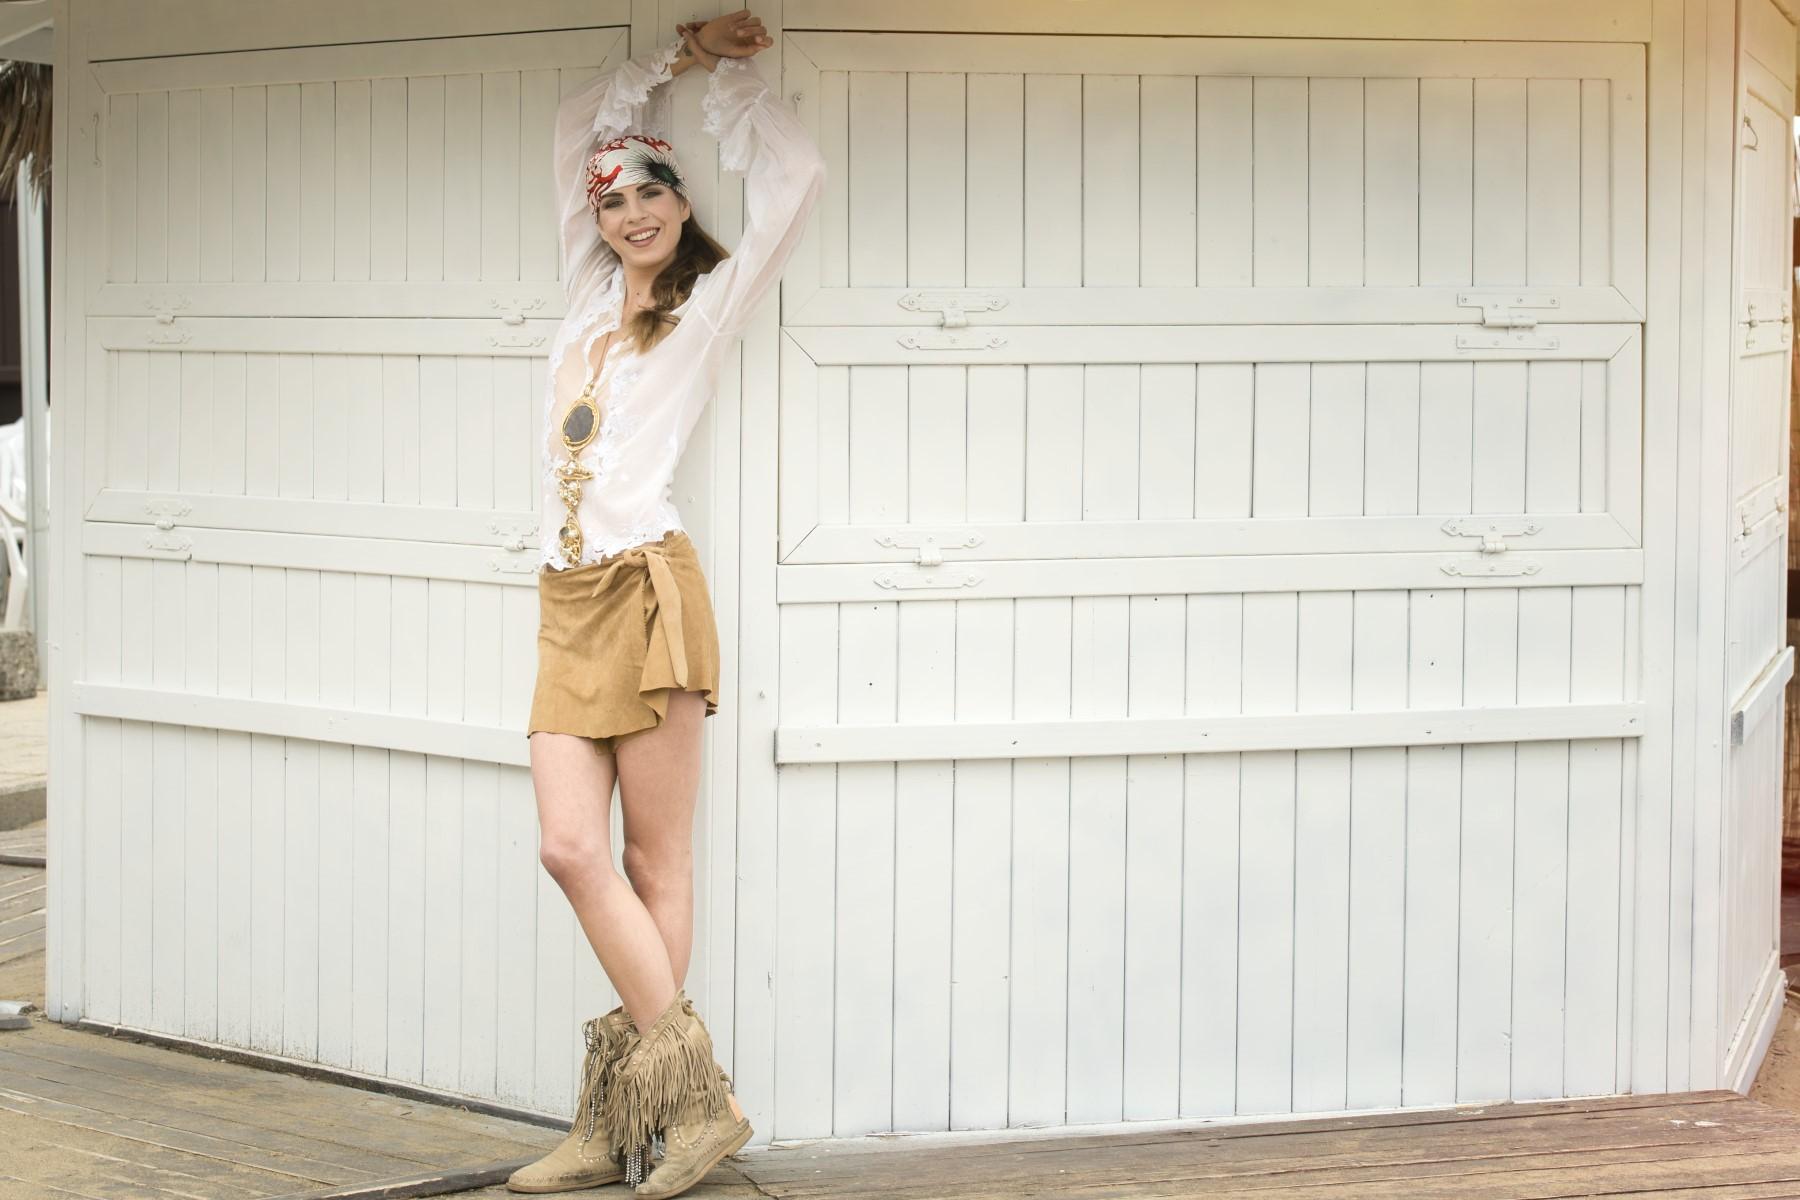 ROP70_013_editoriale Fashion/Adv